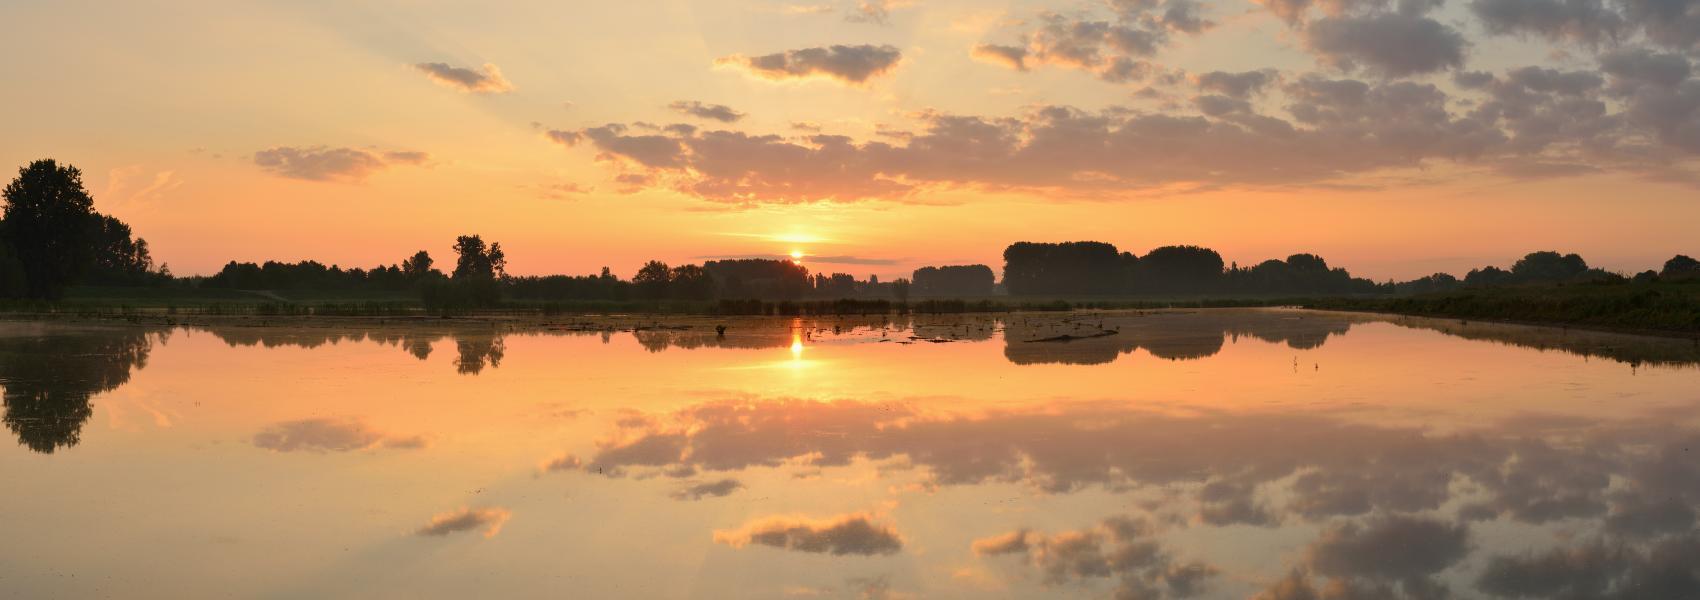 zicht over de paardeweide bij zonsondergang